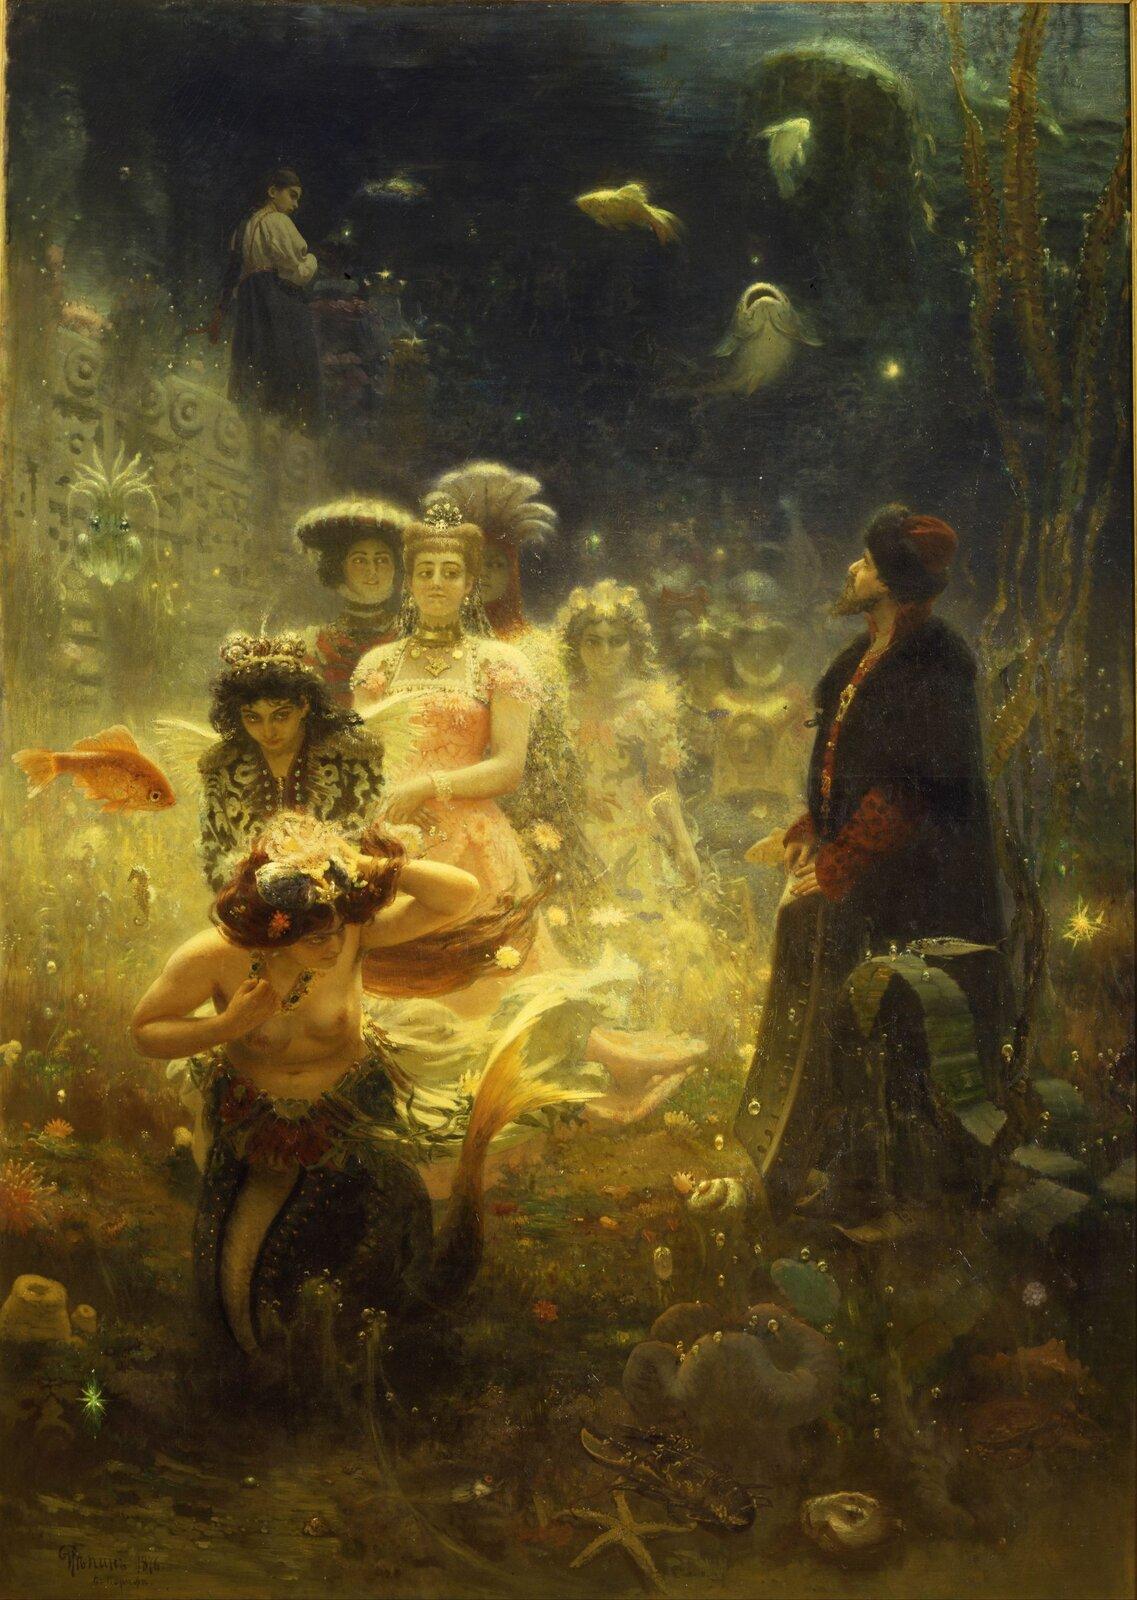 Sadko Źródło: Ilya Repin, Sadko, 1876, olej na płótnie, domena publiczna.